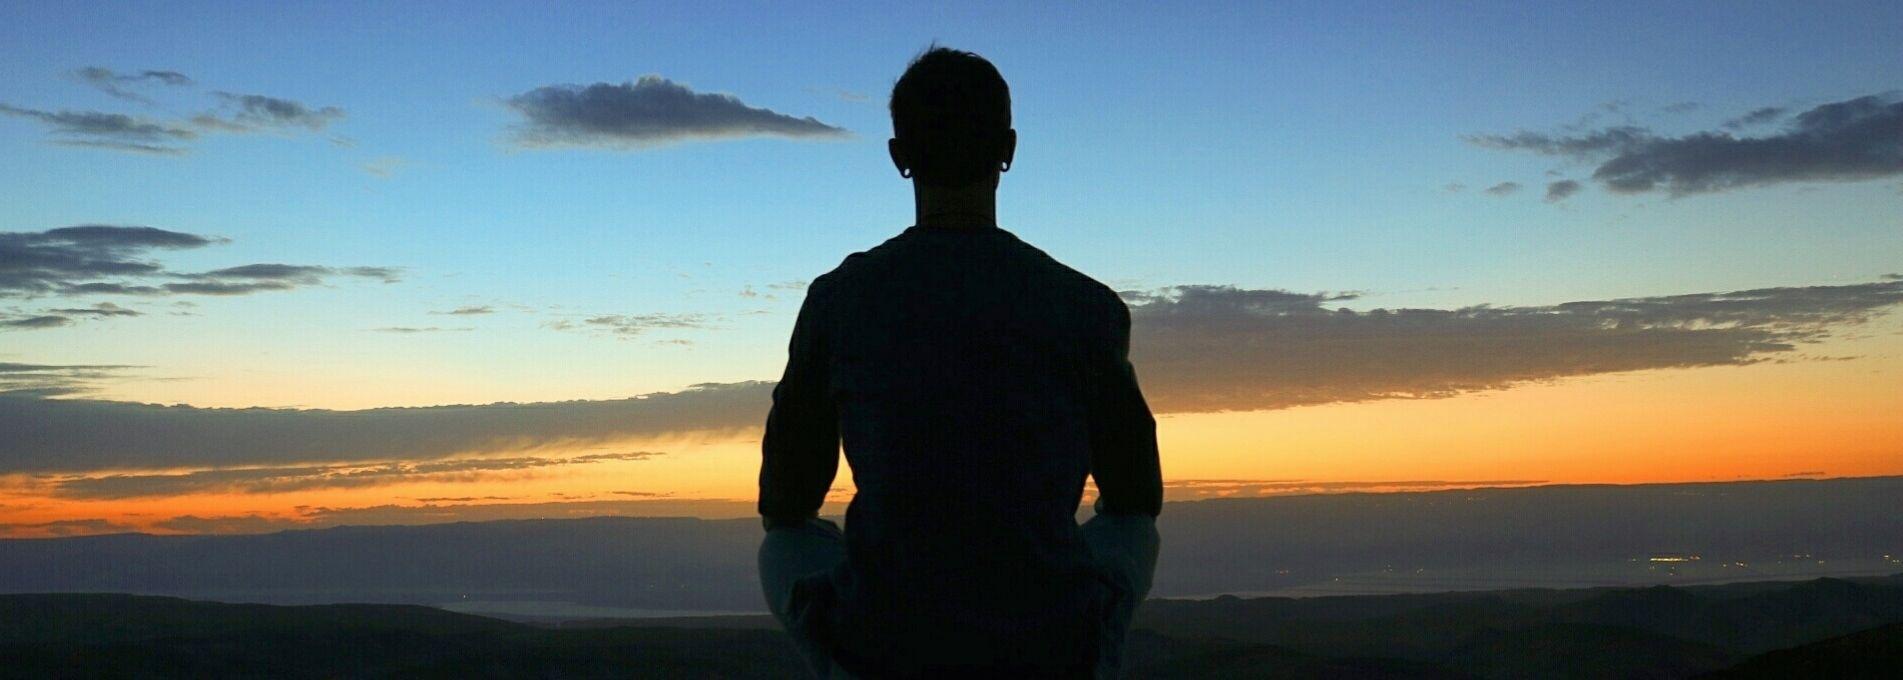 10 CONSEILS POUR UNE RENTRÉE SANS STRESS